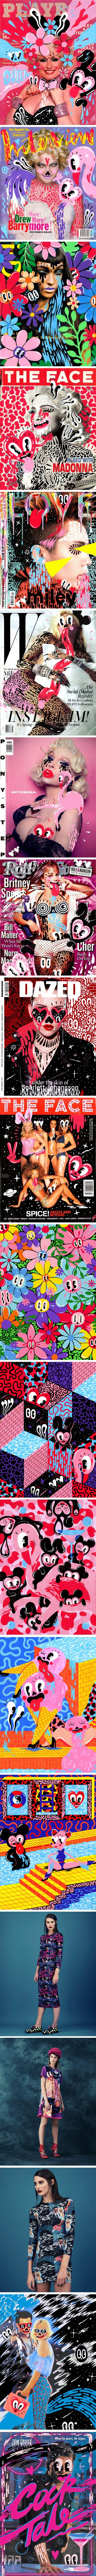 Hattie Stewart via hattiestewart.com